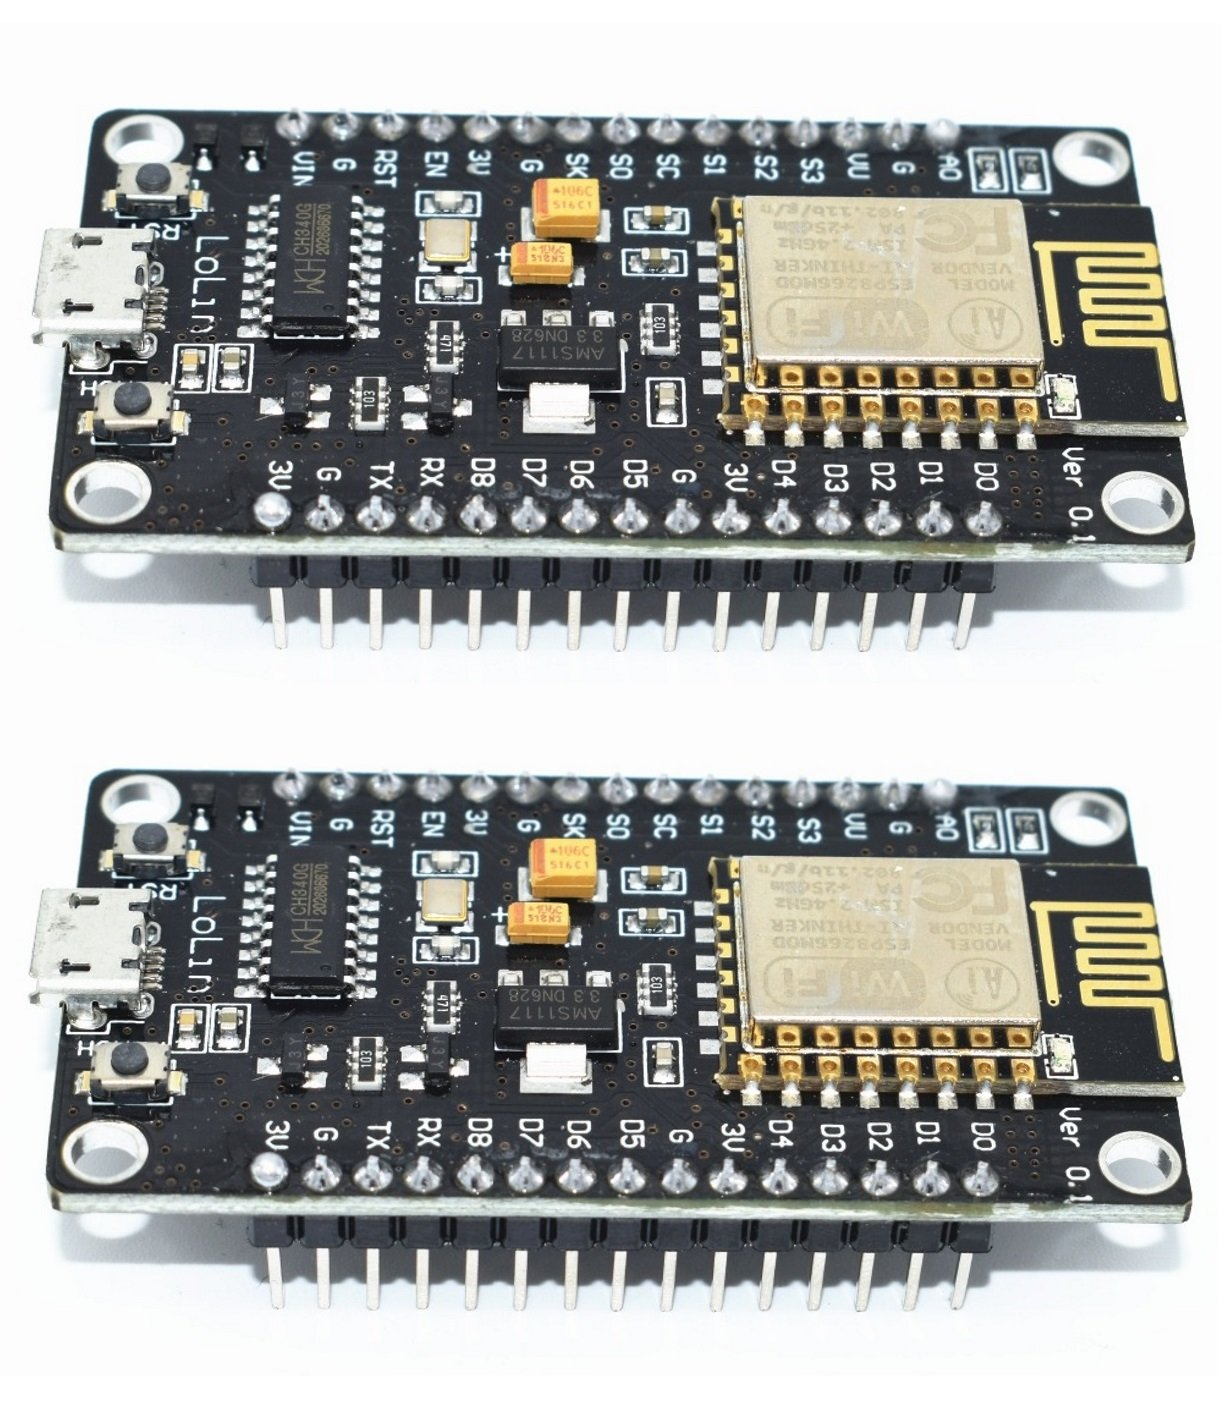 (Paquete de 2) ESP8266 microcontrolador NodeMCU Lua V3 WiFi con CH340G